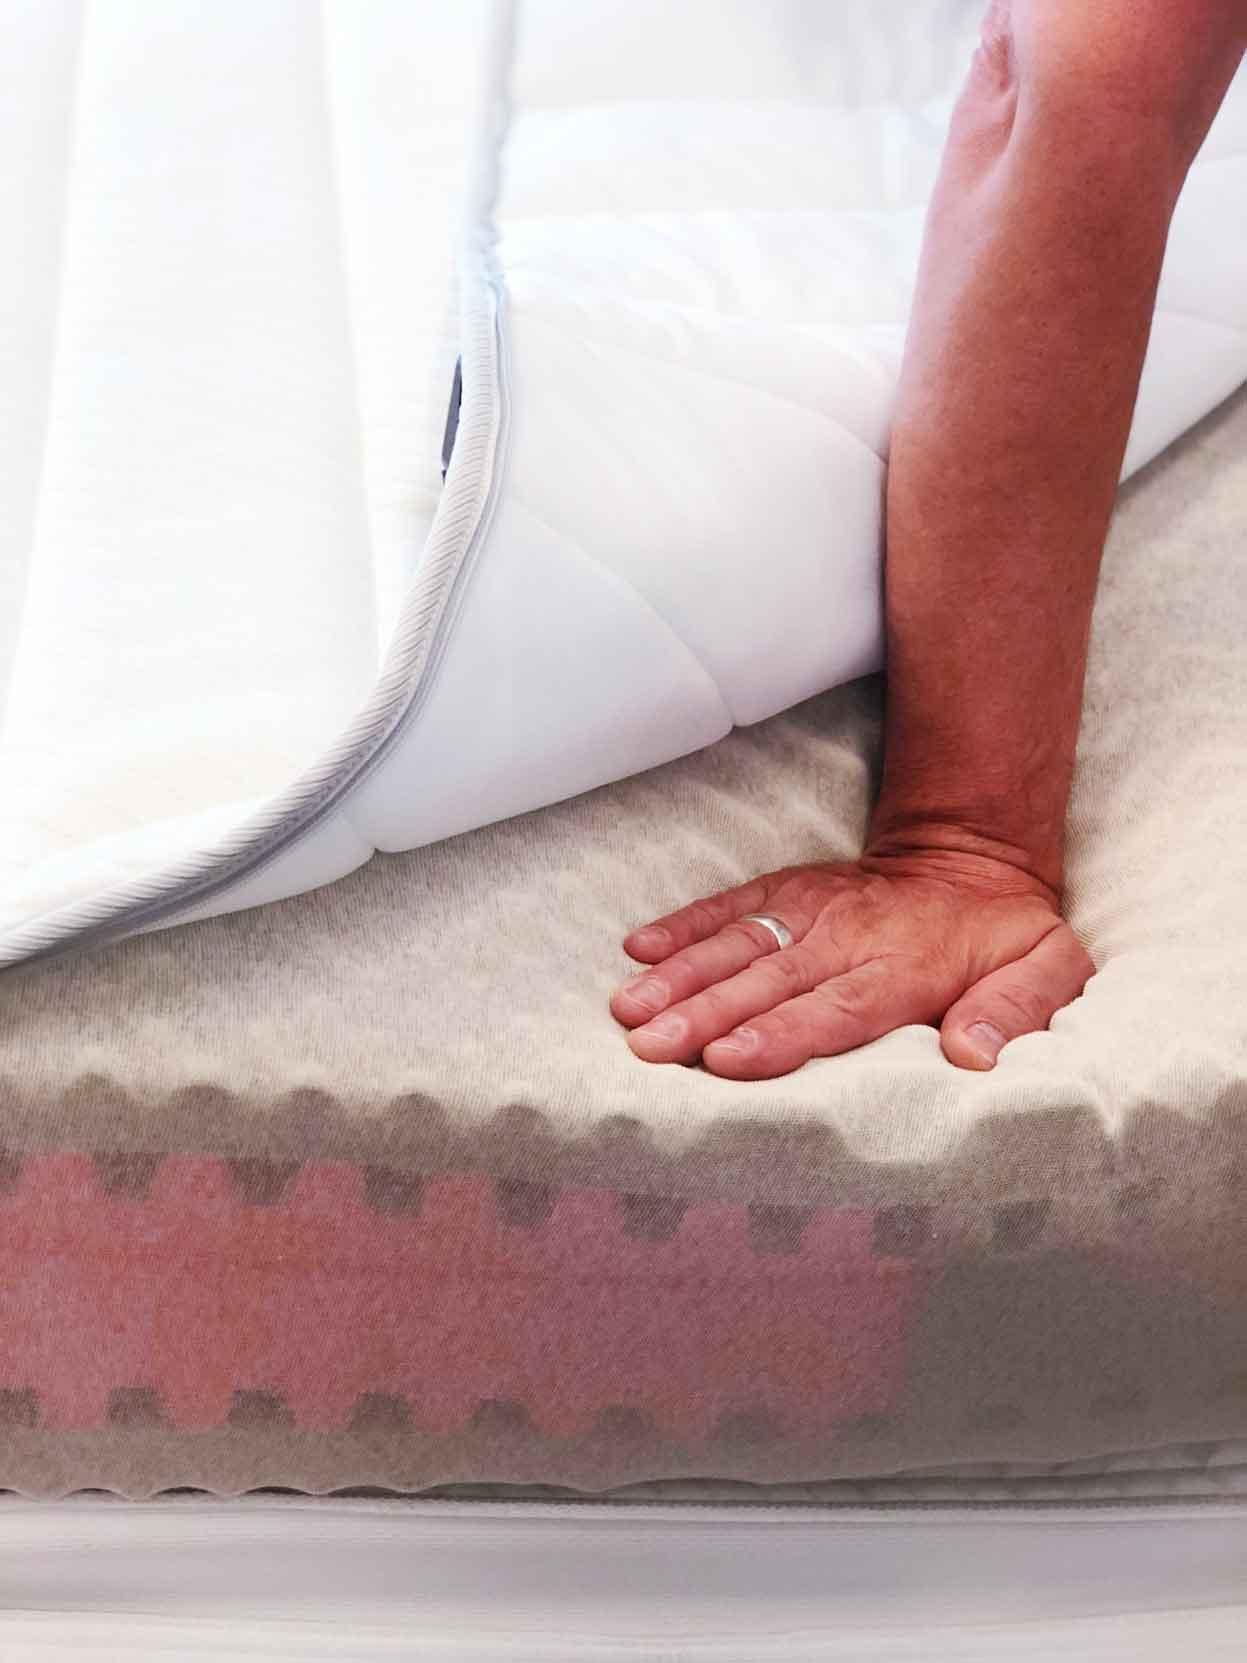 betten-hoenscheidt-dormiente-matratze-sale1